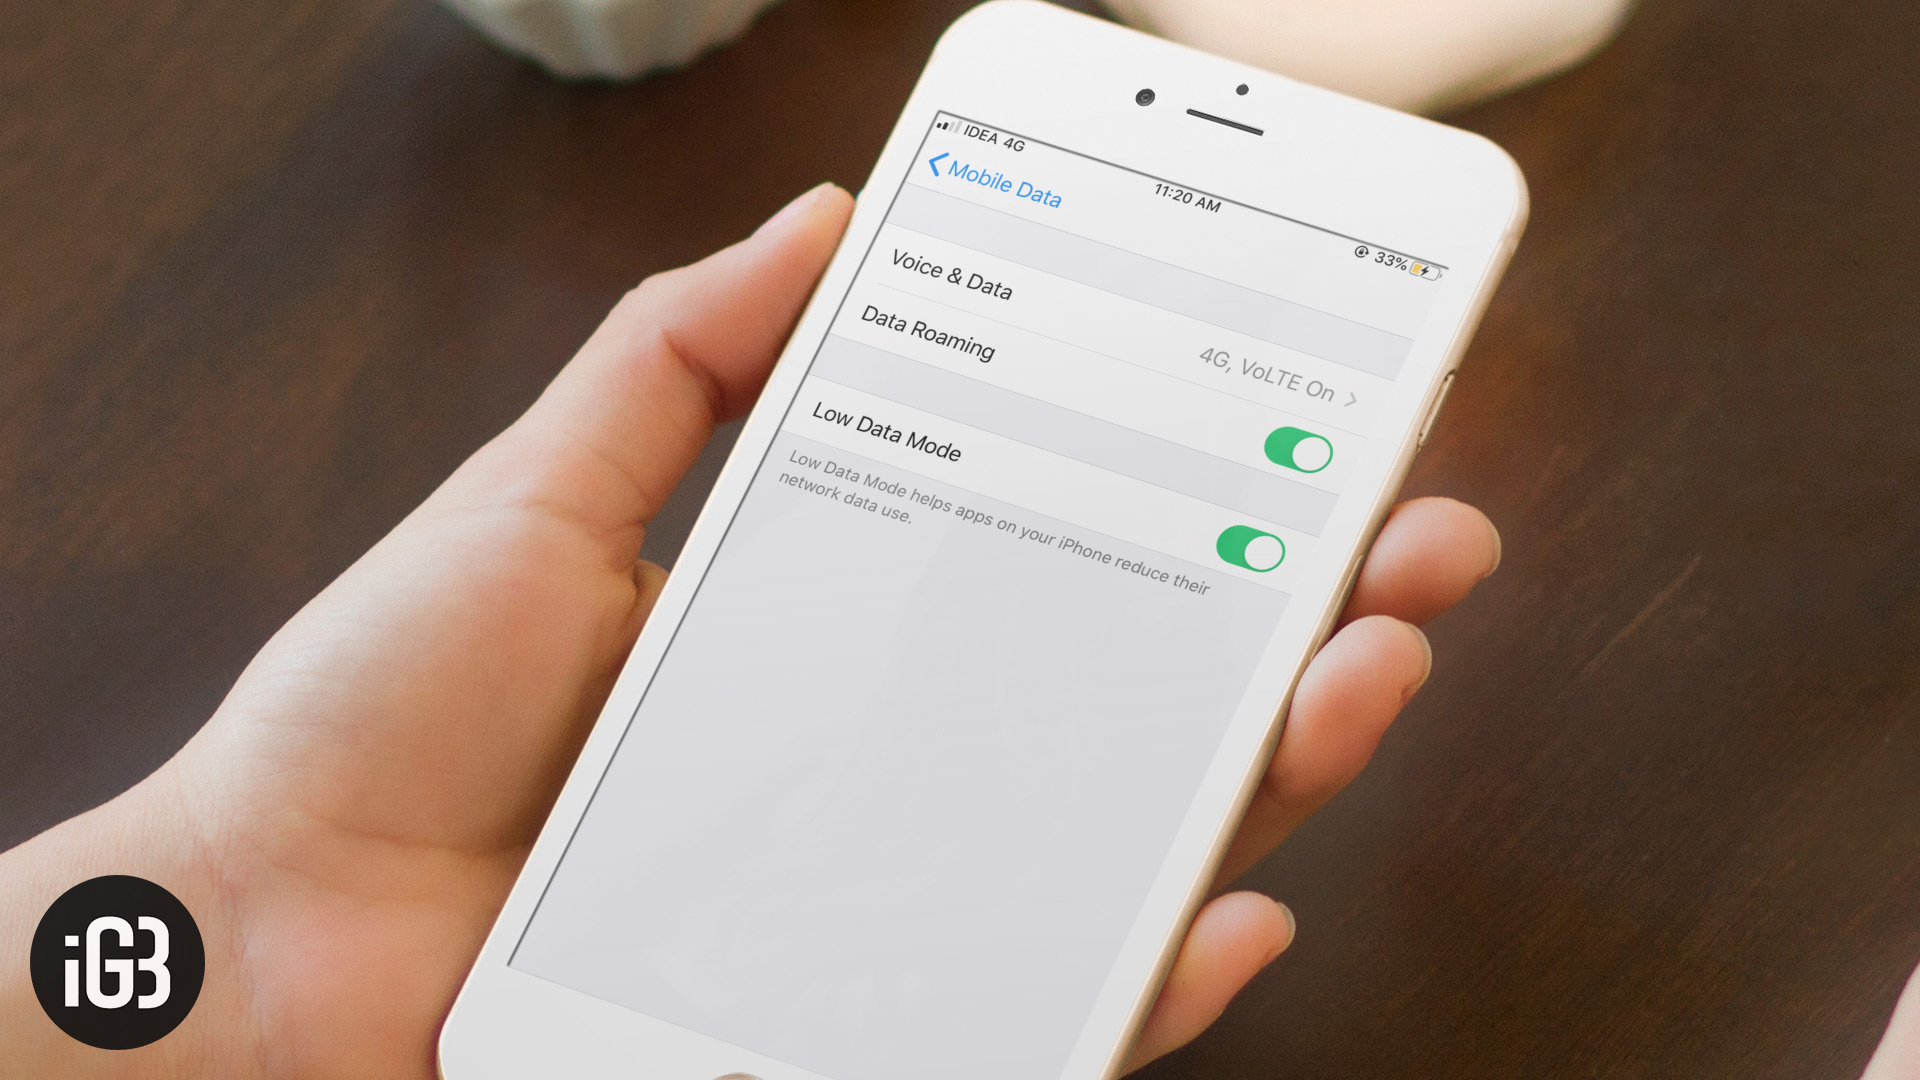 Cómo habilitar el modo de datos bajos en iOS 13 en iPhone y iPad